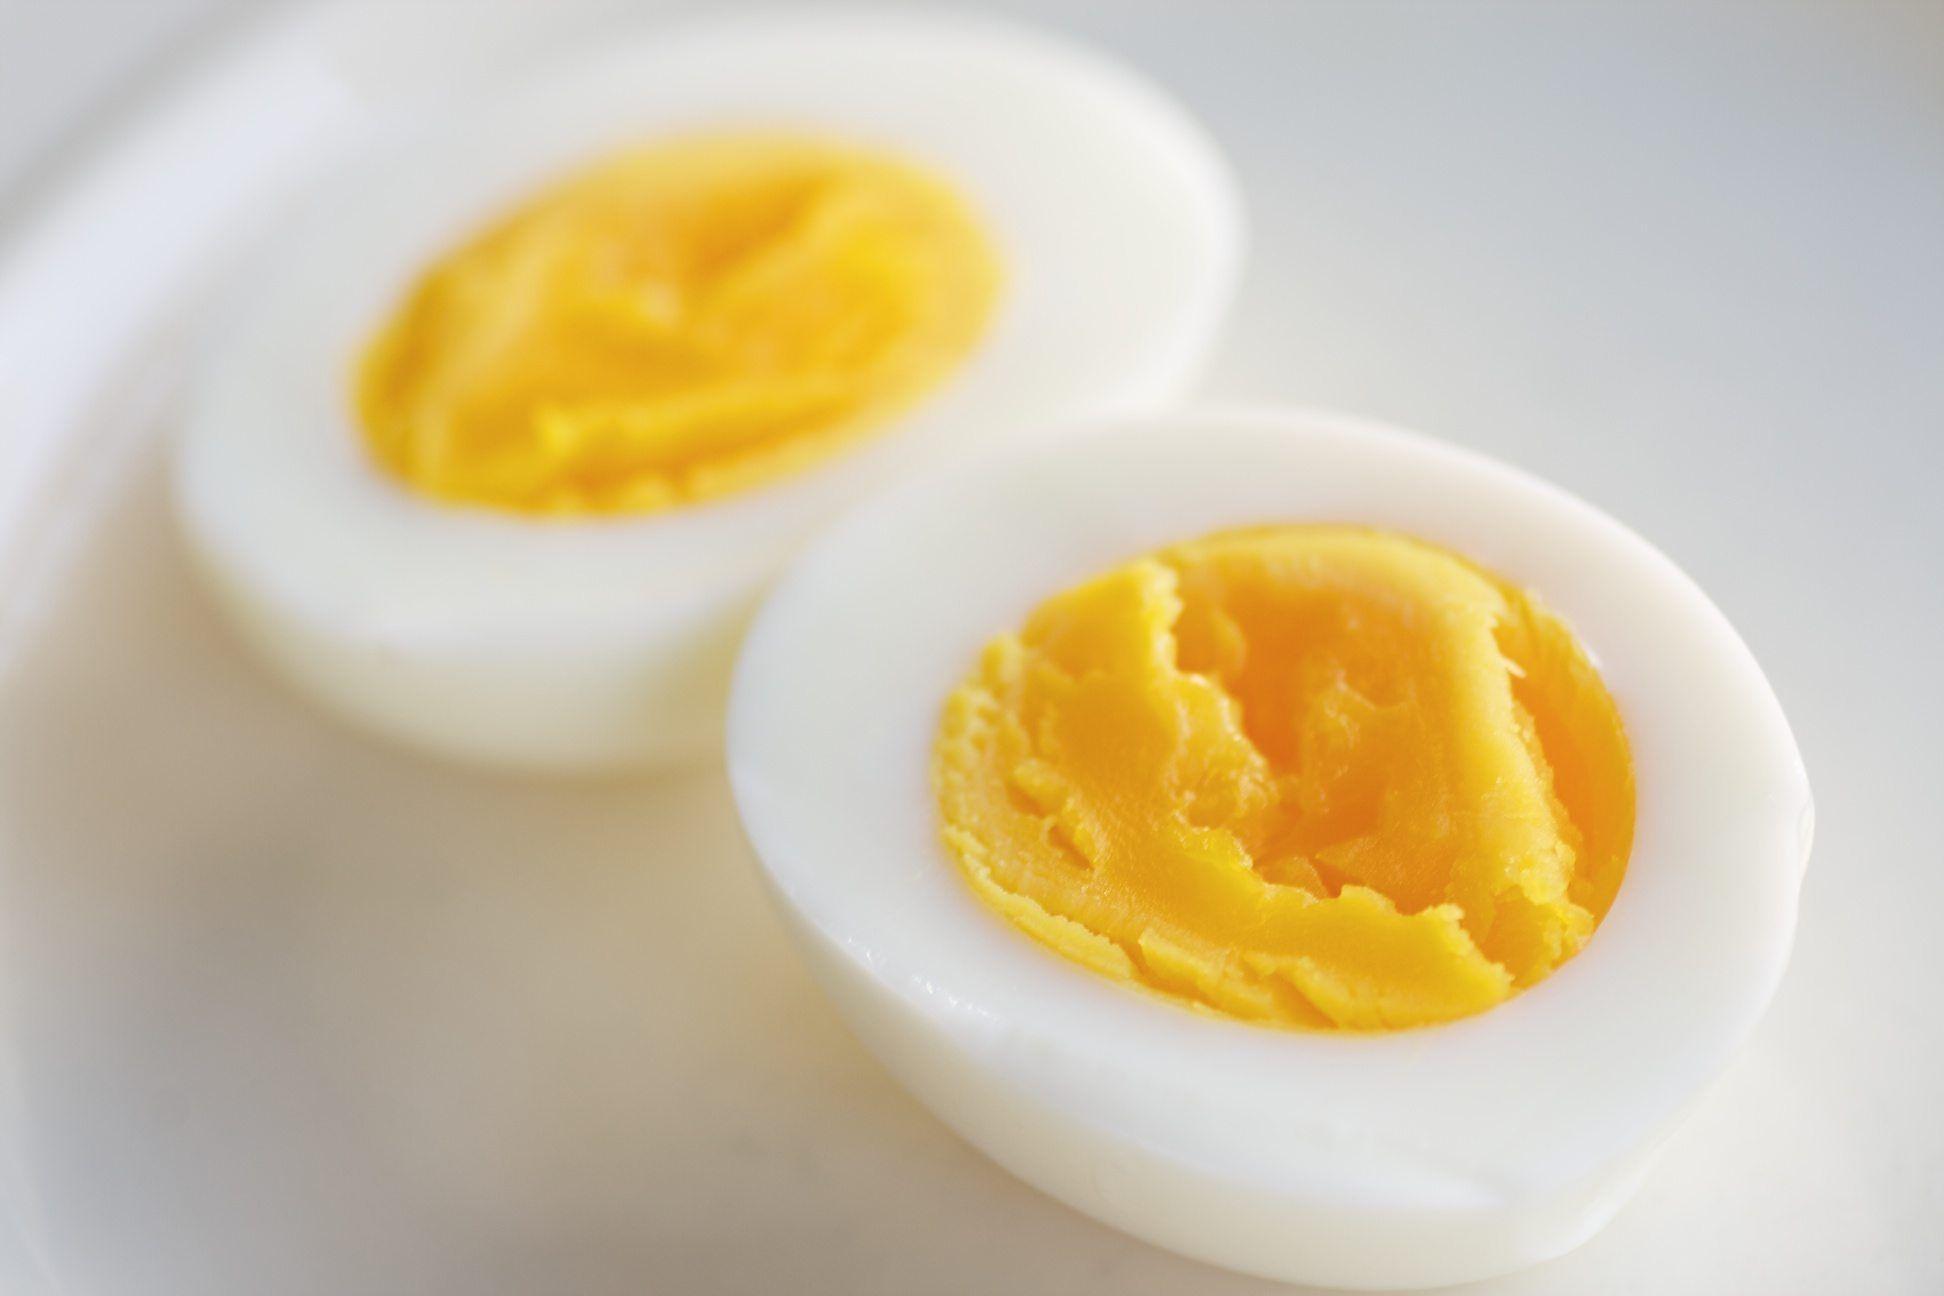 O ovo, com toda a sua quantidade de nutrientes, é um dos alimentos mais antigos. Estudos apontam que o ser humano comia ovos a cerca de seis milhões de anos